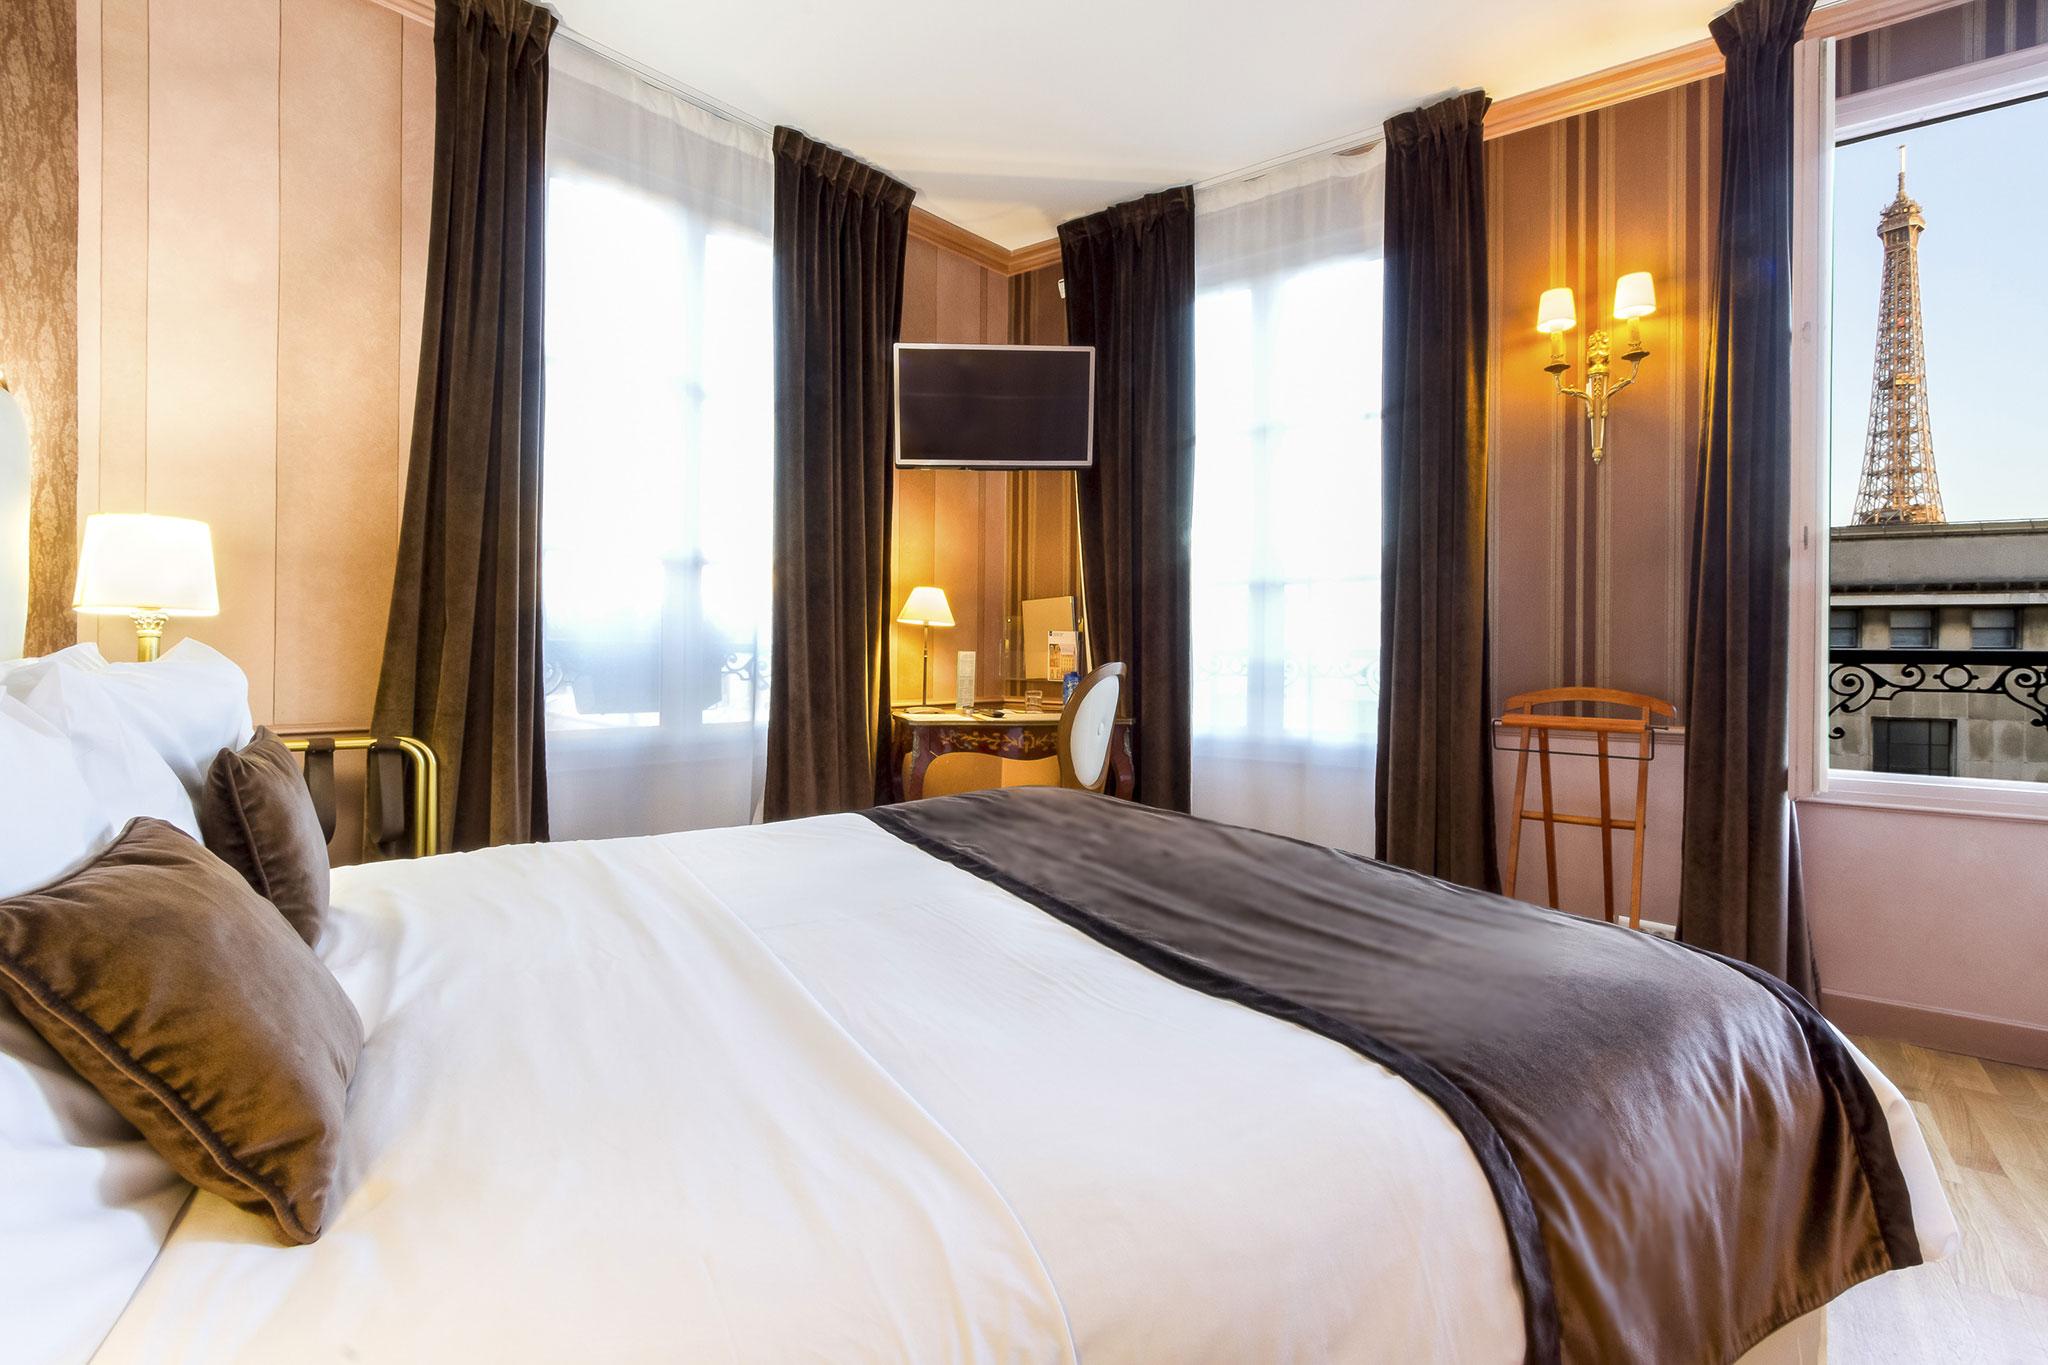 Chambre de luxe avec vue hotel eiffel trocadero paris - Chambre luxe paris ...